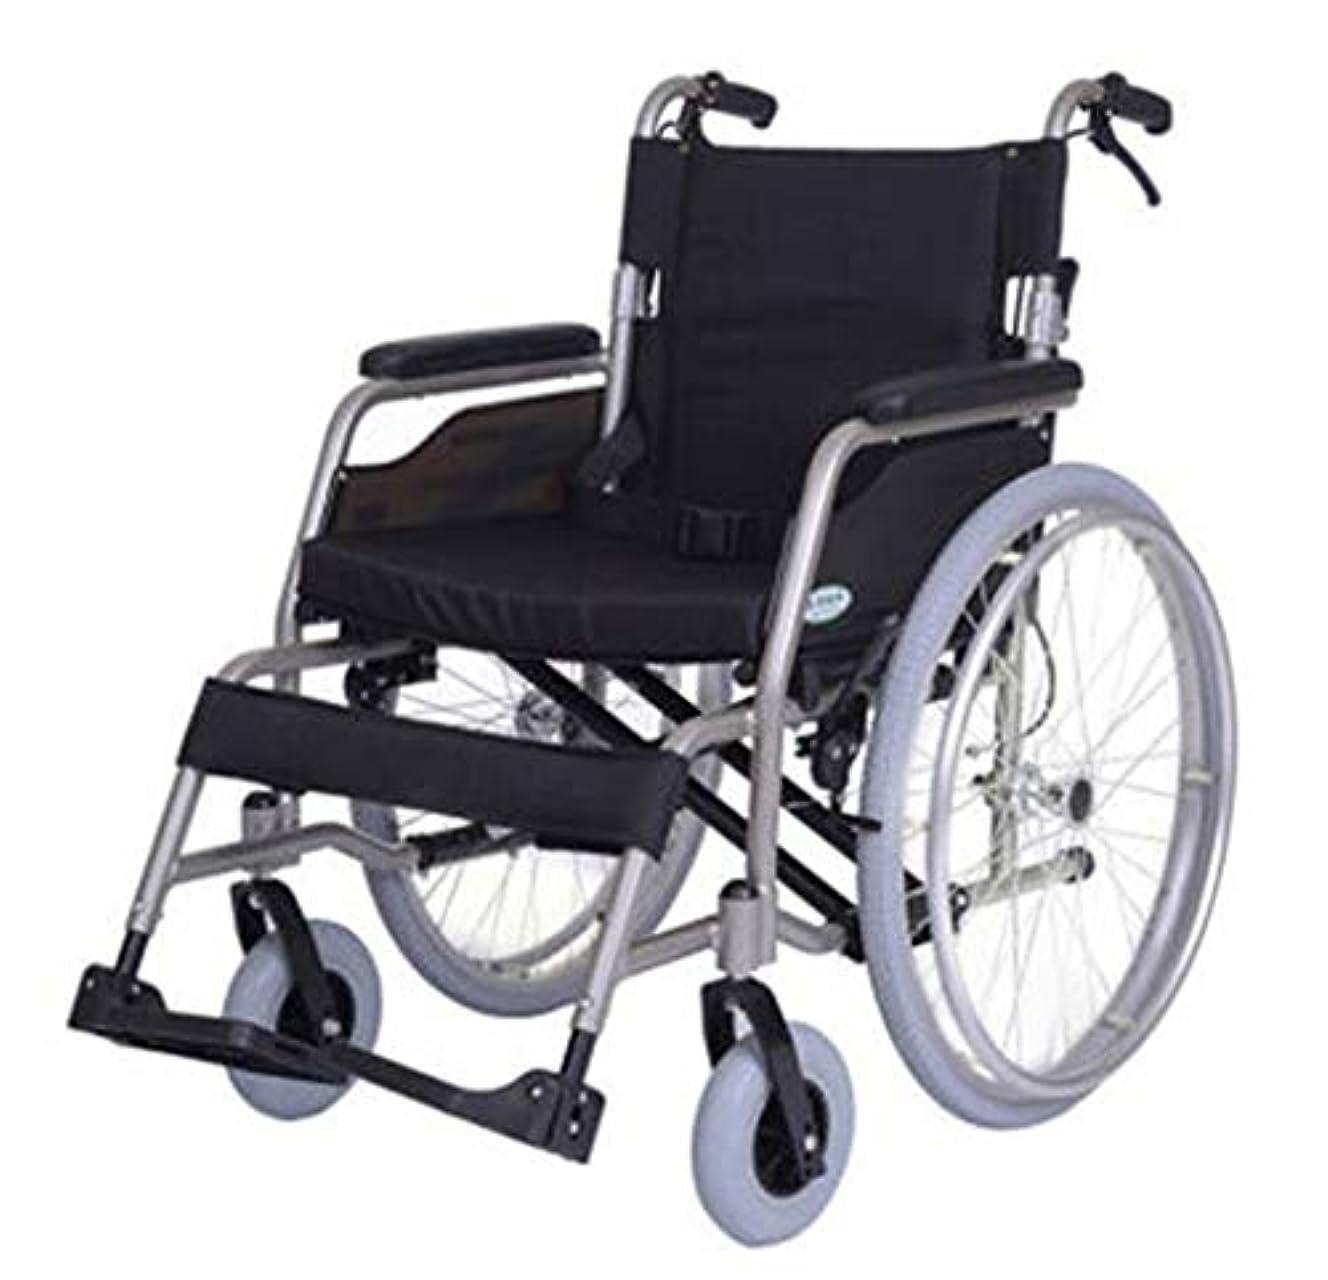 うまくいけば素子ラジエーター車椅子のシート幅を50センチに広げ、折りたたみ式車椅子、高齢者が旅行するのに適している